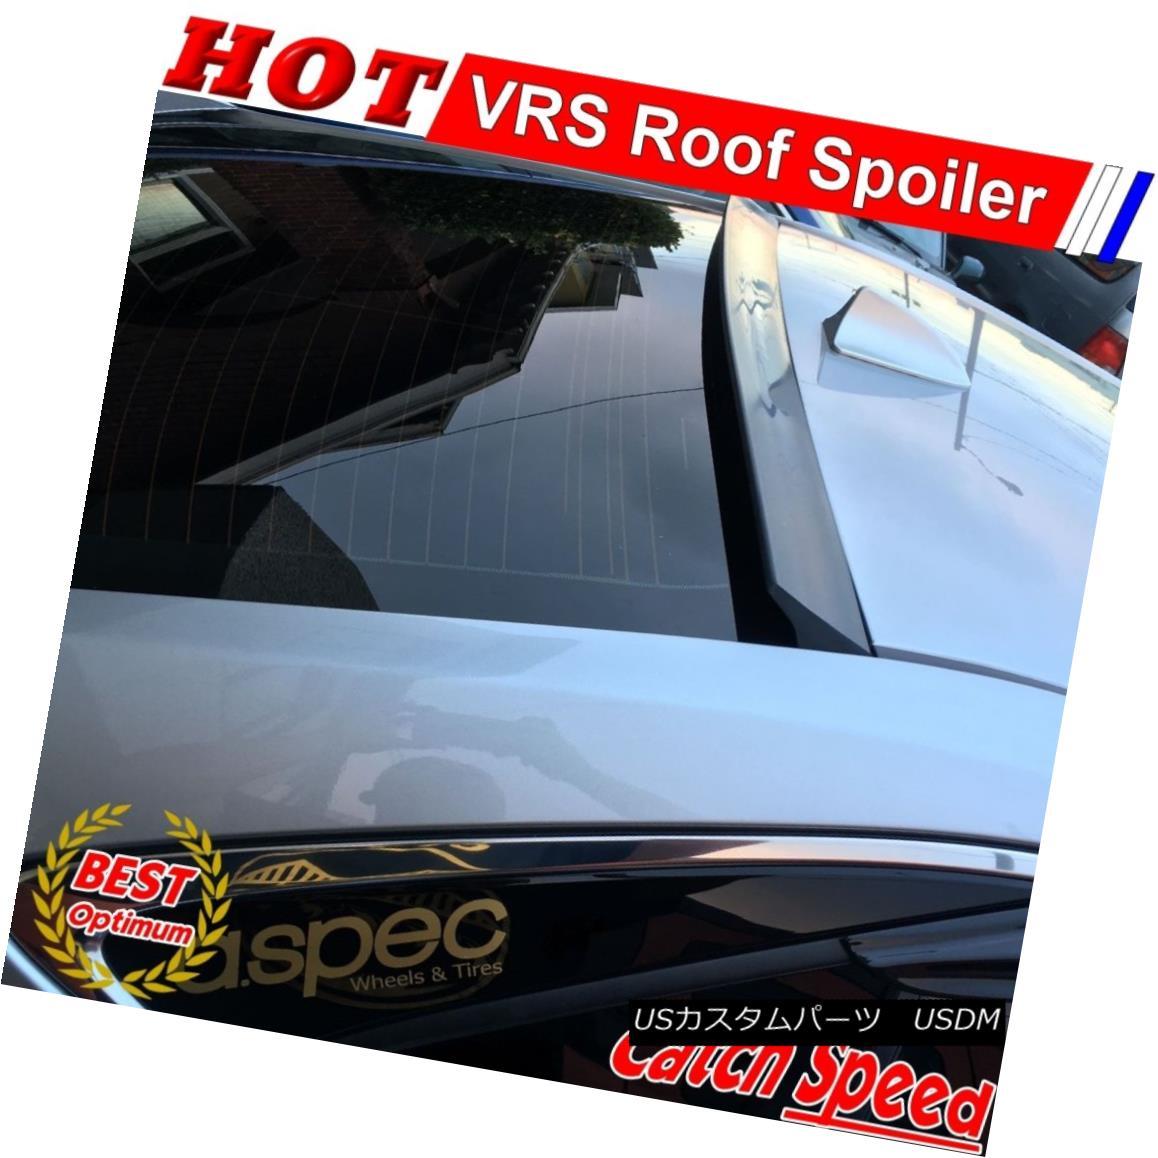 エアロパーツ Flat Black VRS Type Rear Roof Spoiler Wing For Volkswagen PHAETON Sedan 2002-08 フォルクスワーゲンフラットブラックVSタイプリアルーフスポイラーウィングPHAETON Sedan 2002-08